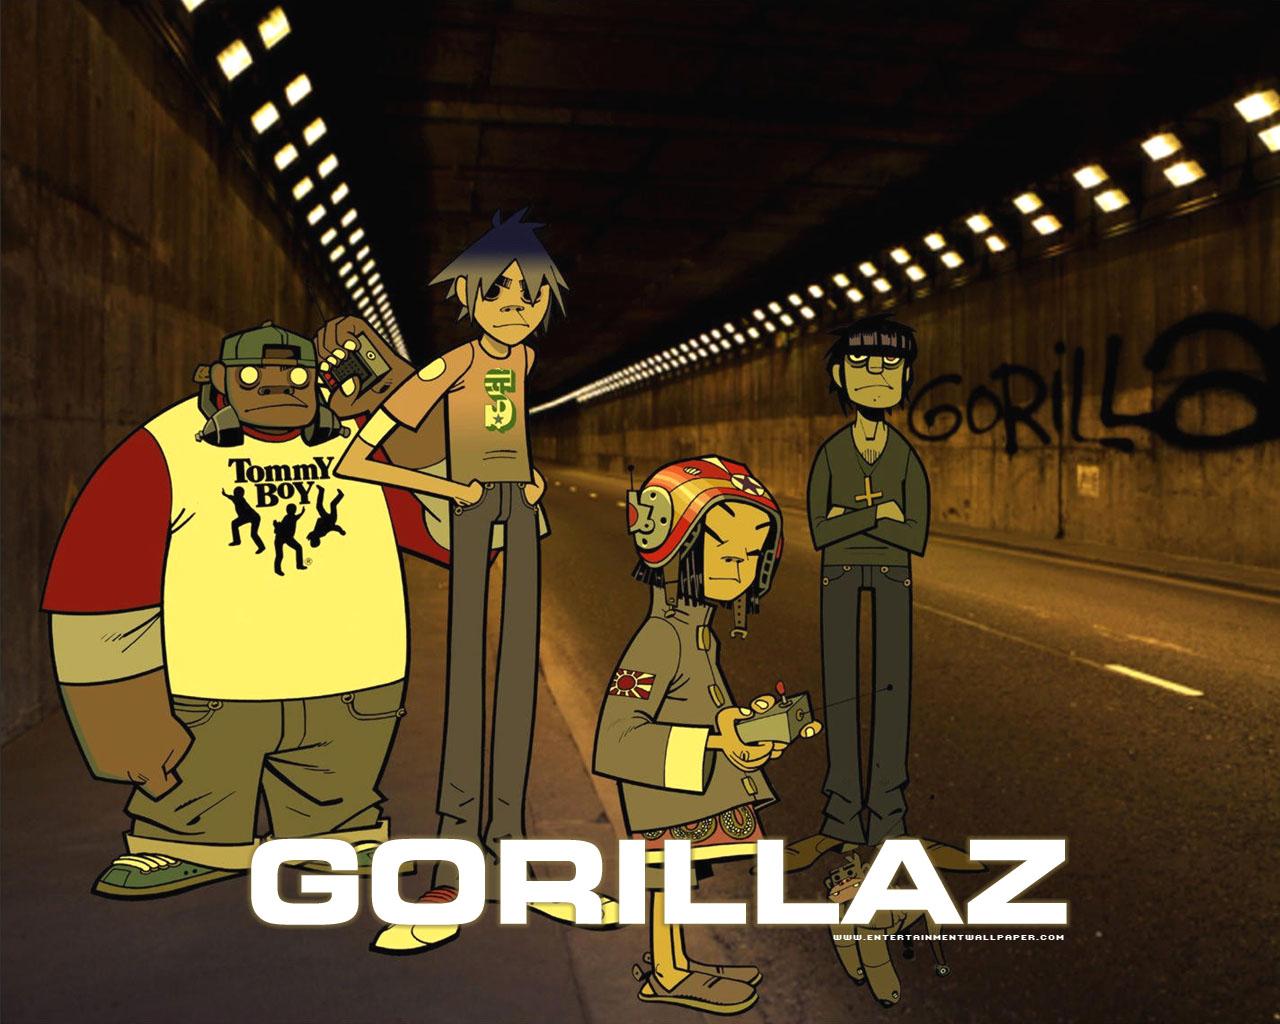 Hd desktop wallpaper gorillaz wallpaper hd - Gorillaz 2d wallpaper ...